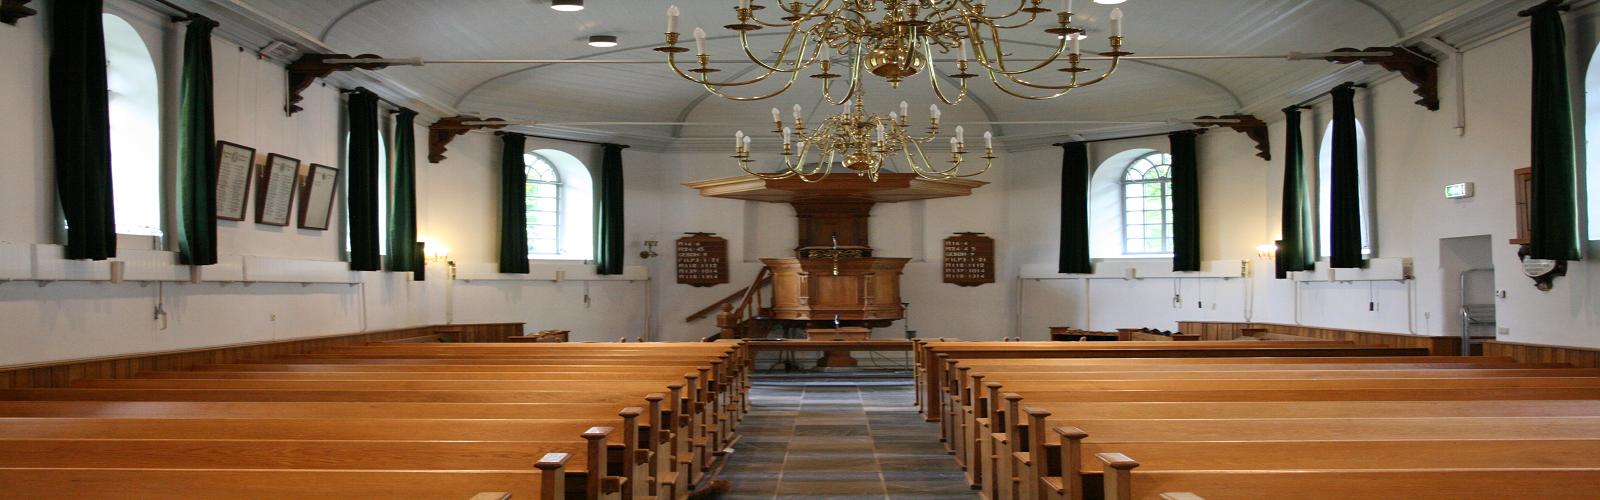 Kerkgebouw website 7